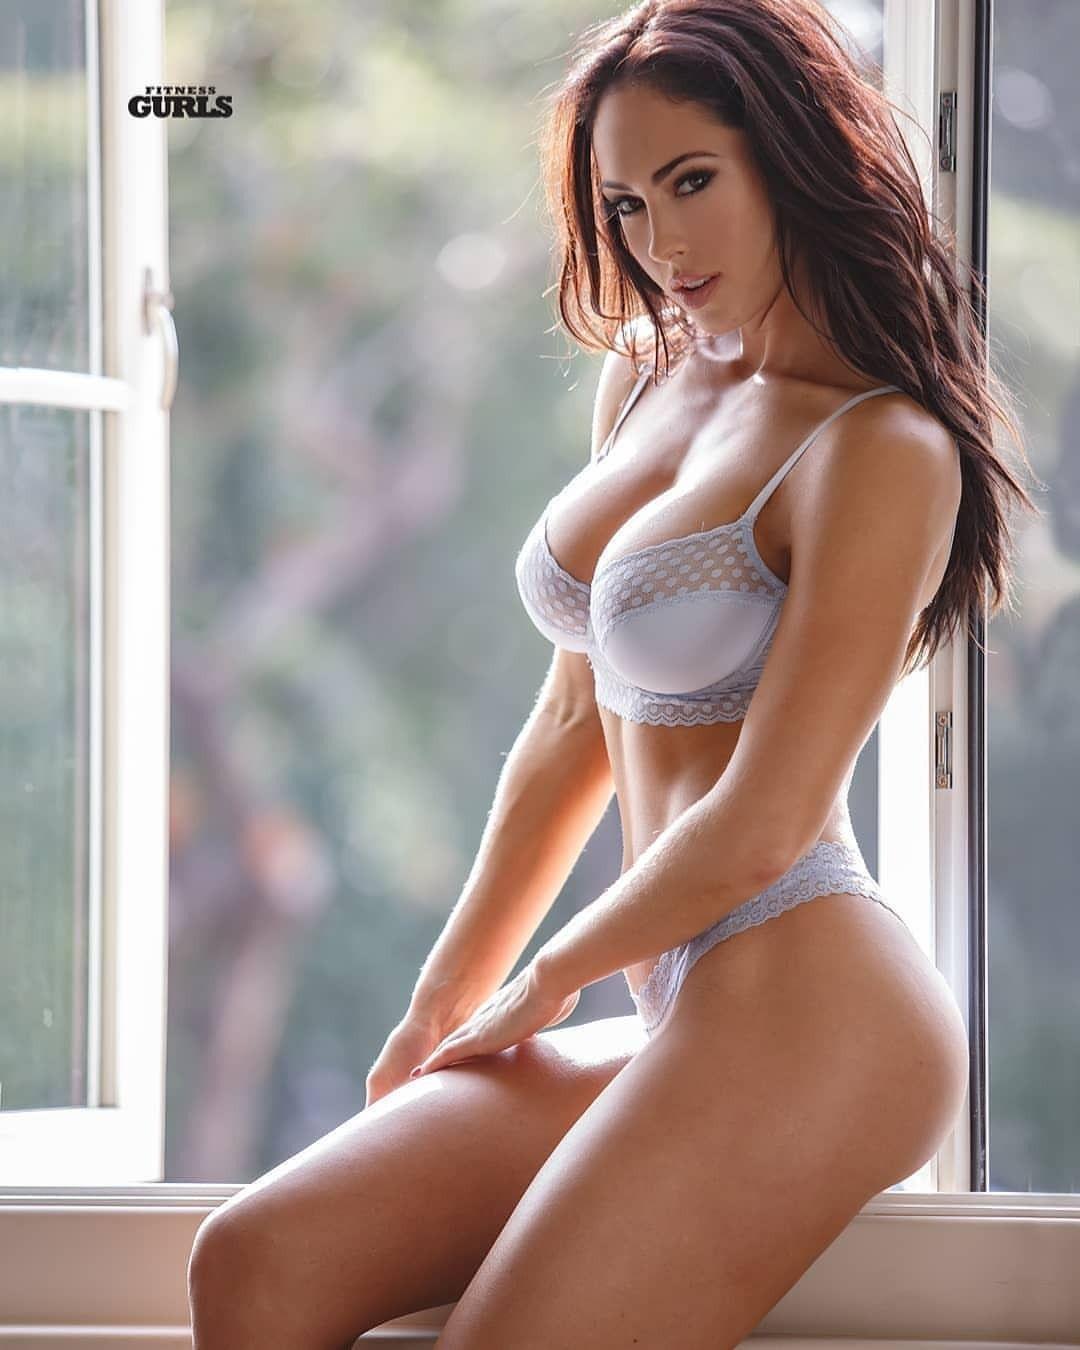 Die hübscheste frau der welt nackt